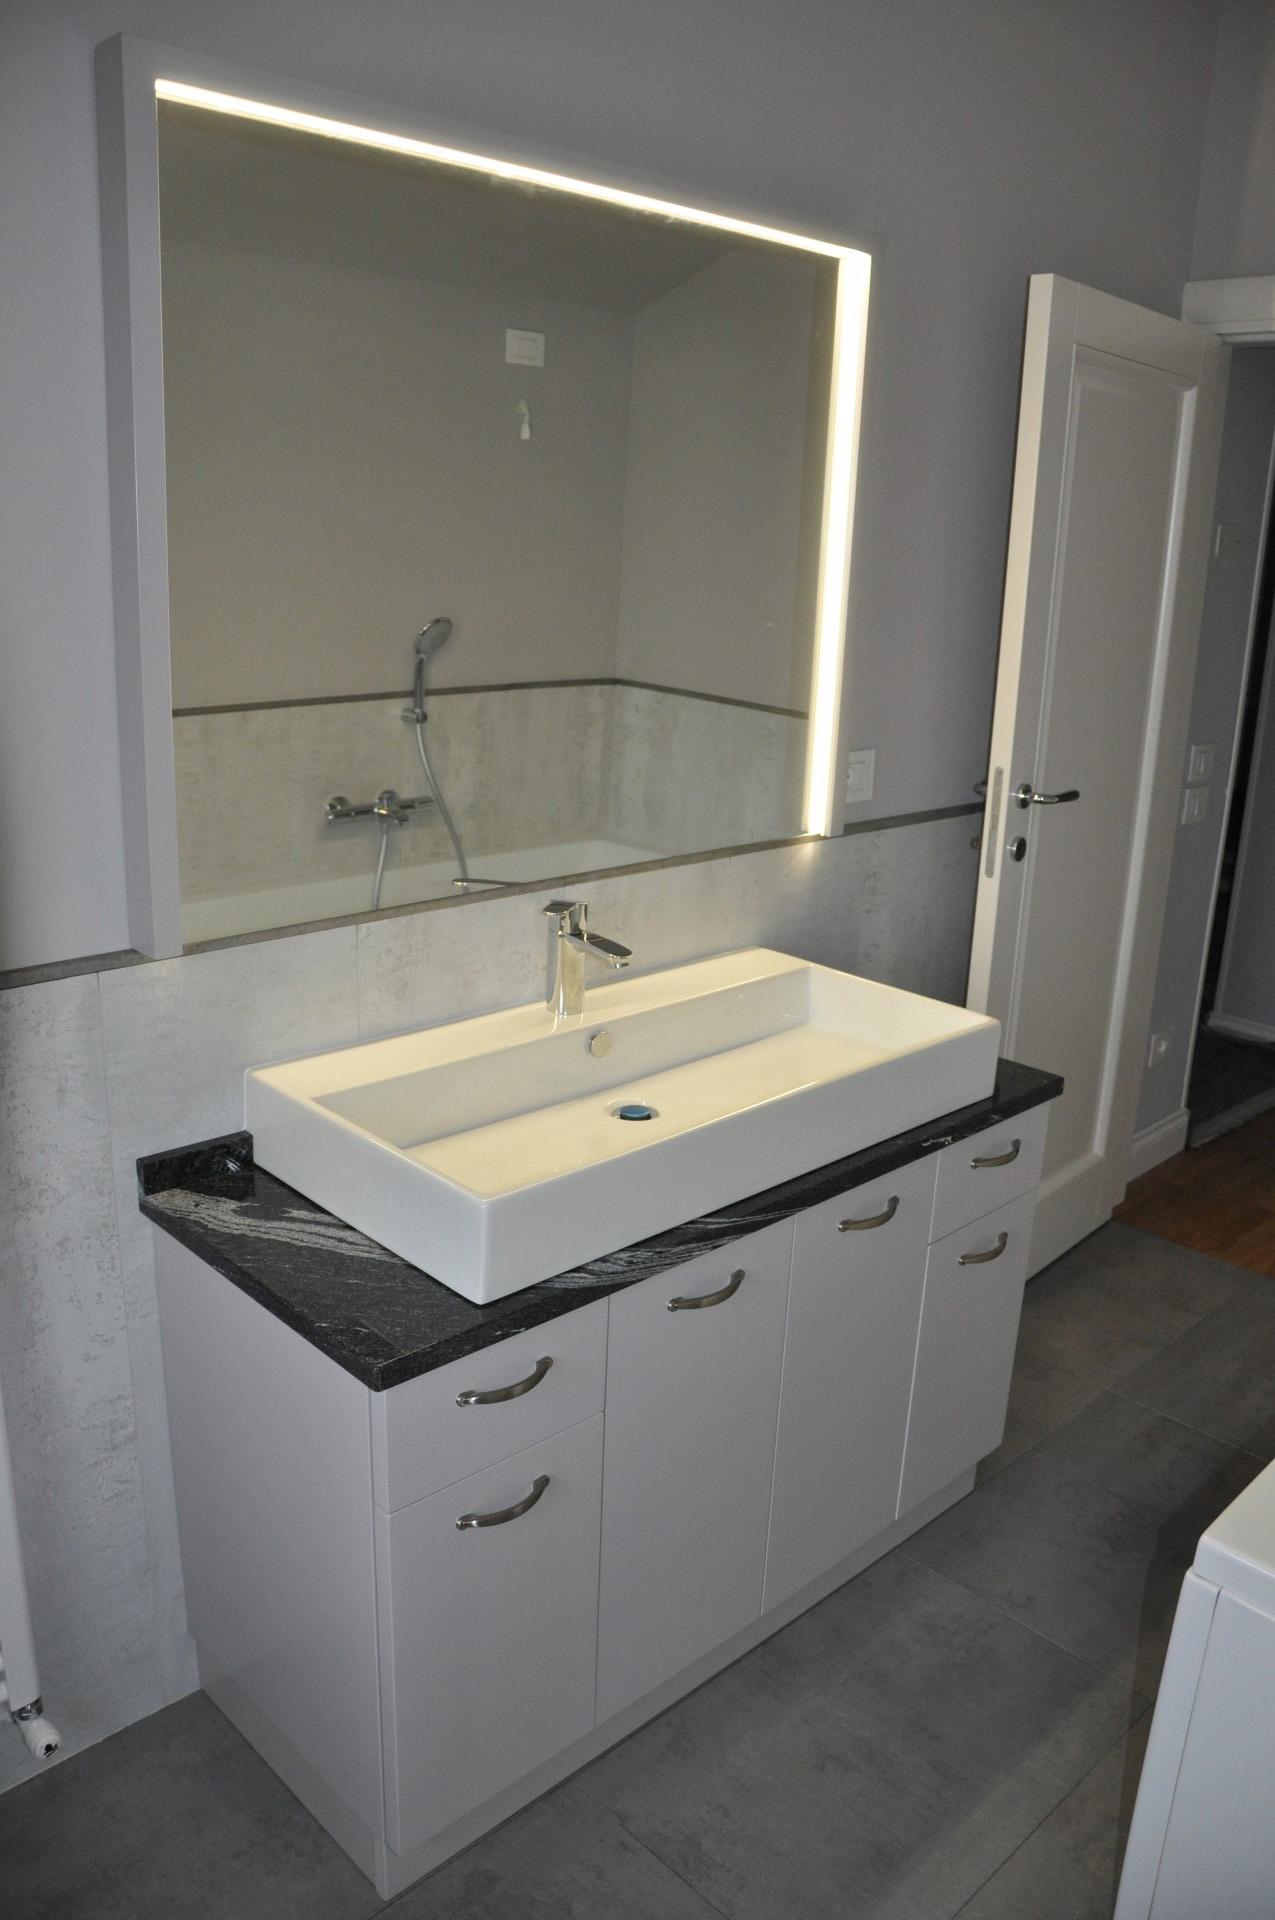 Bagno in muratura moderno lavabo bagno muratura moderno mobile bagno muratura mobile bagno vela - Ikea scaldabagno ...